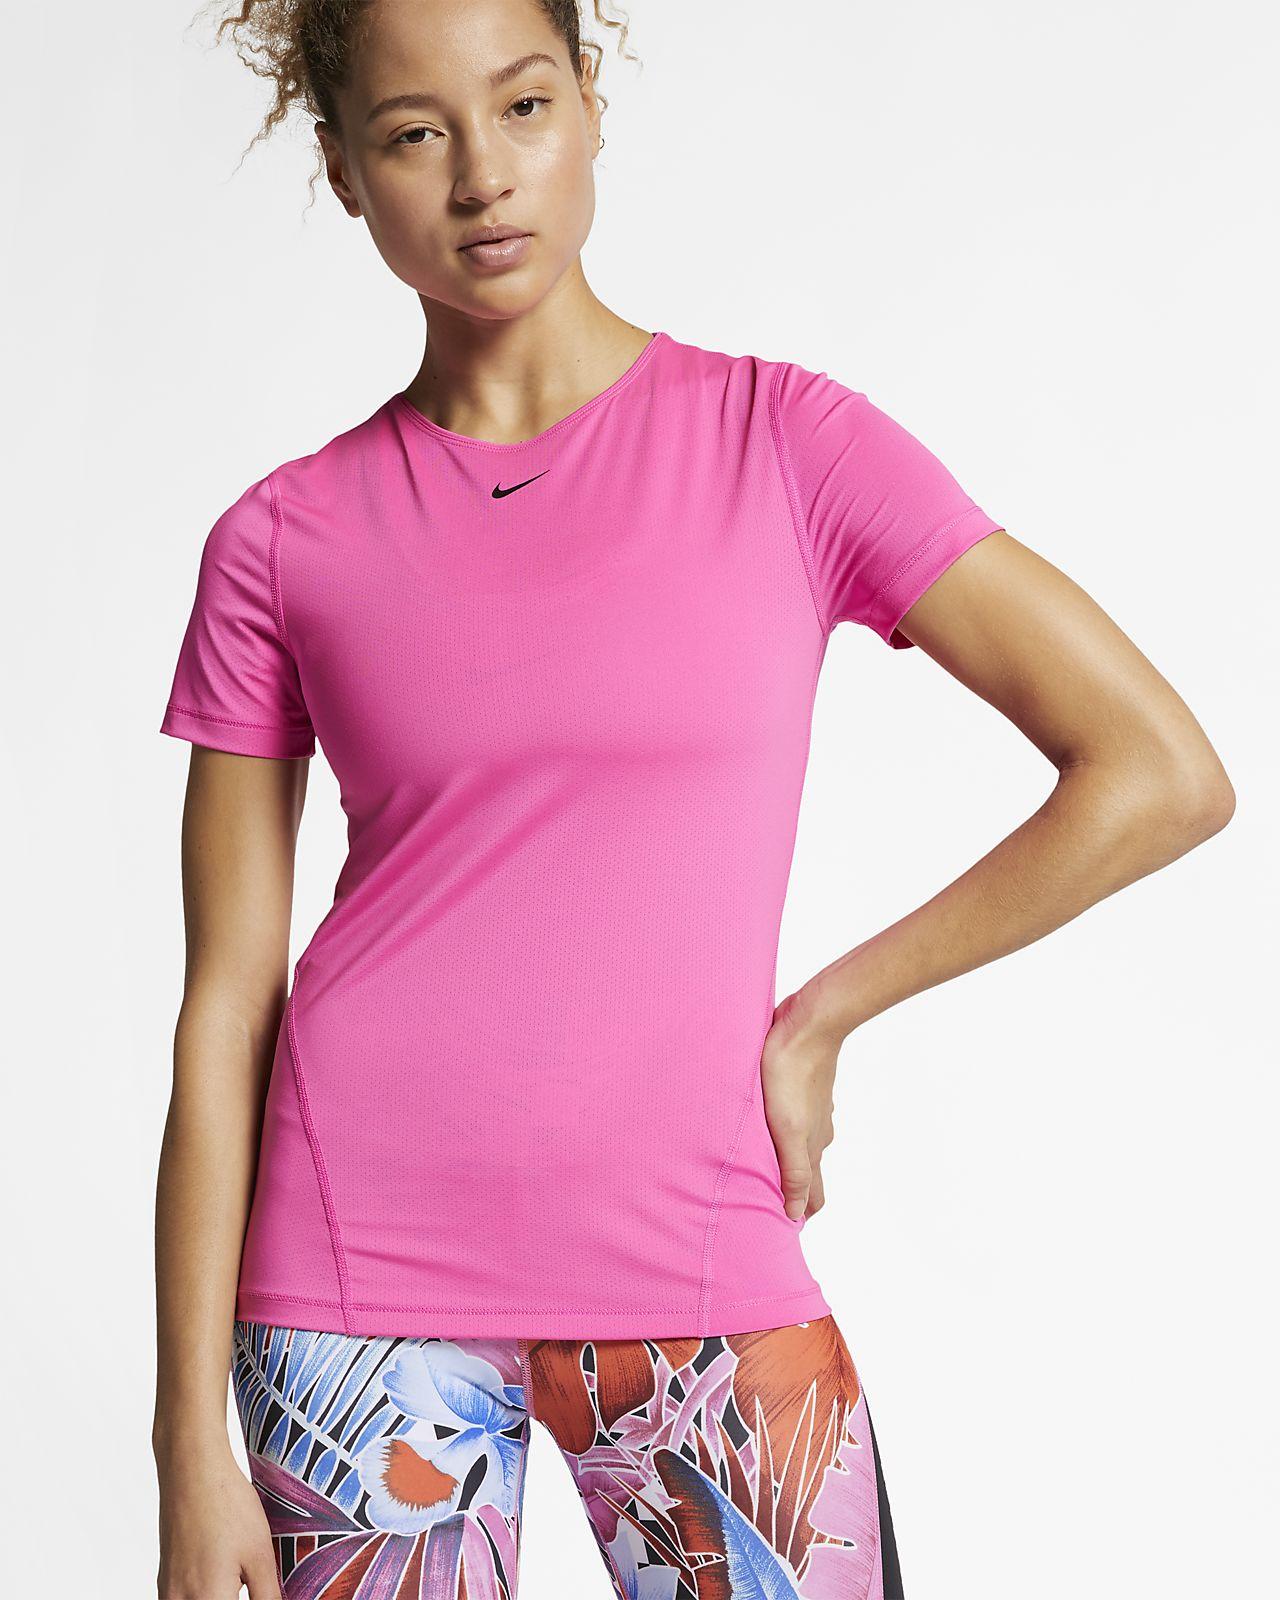 Γυναικεία κοντομάνικη μπλούζα προπόνησης από διχτυωτό υλικό Nike Pro